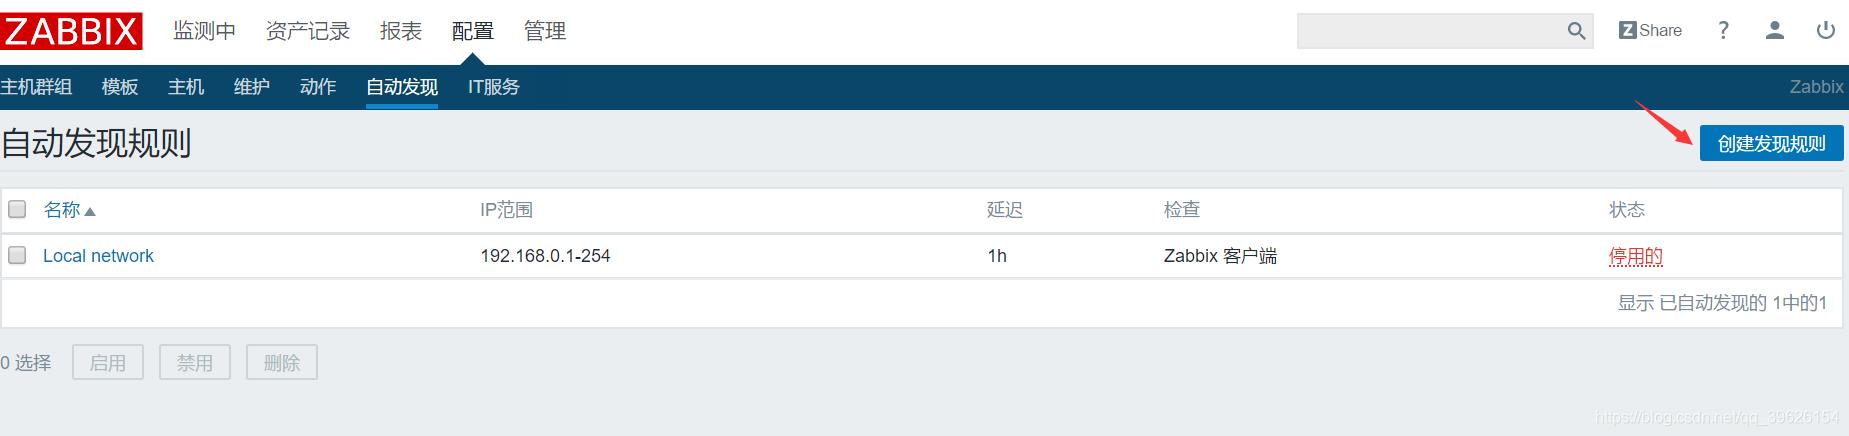 Zabbix配置自动发现,实现批量添加主机